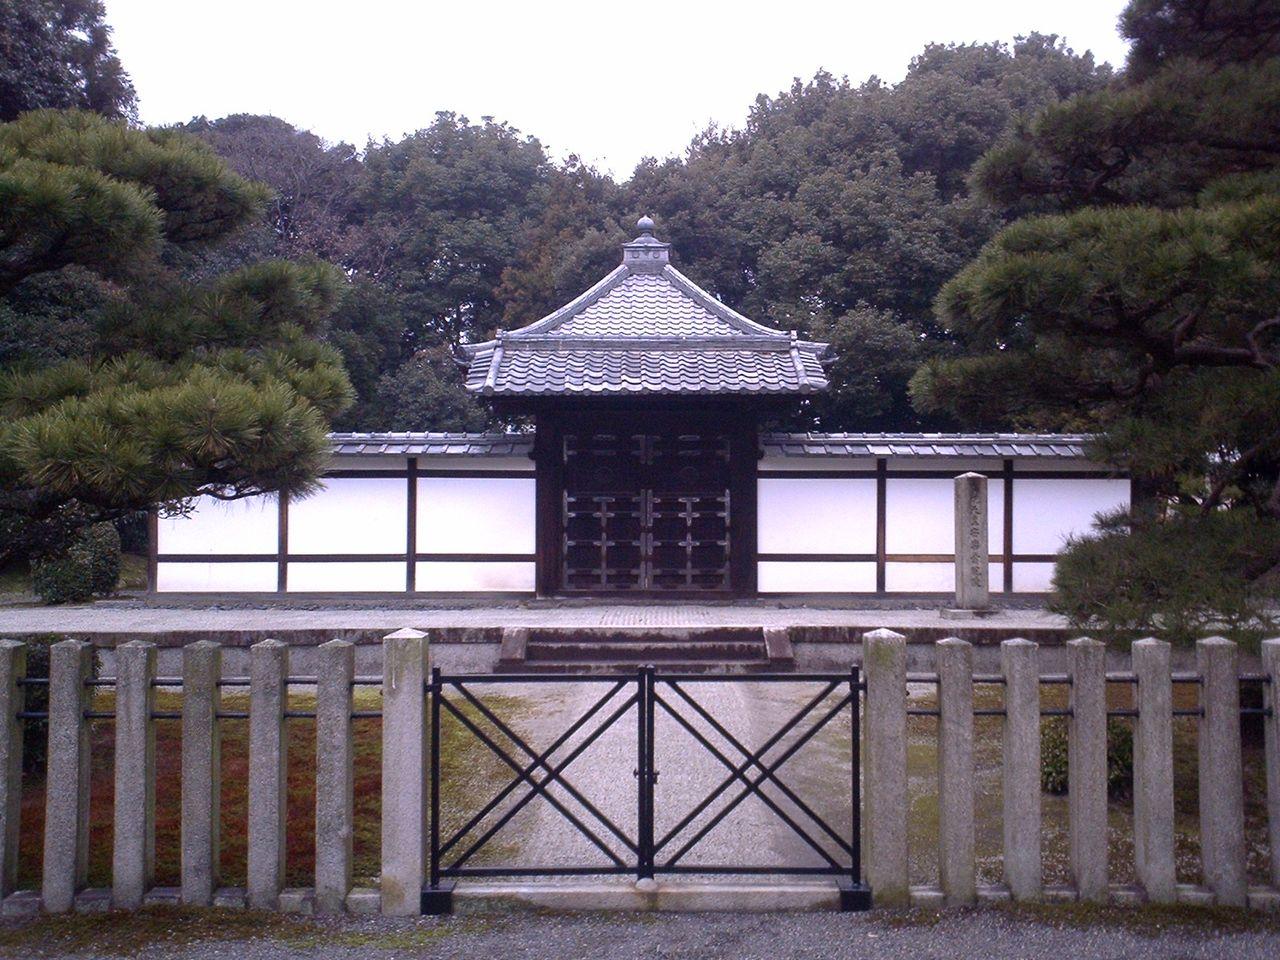 鳥羽天皇陵 : 城とか陵墓とか